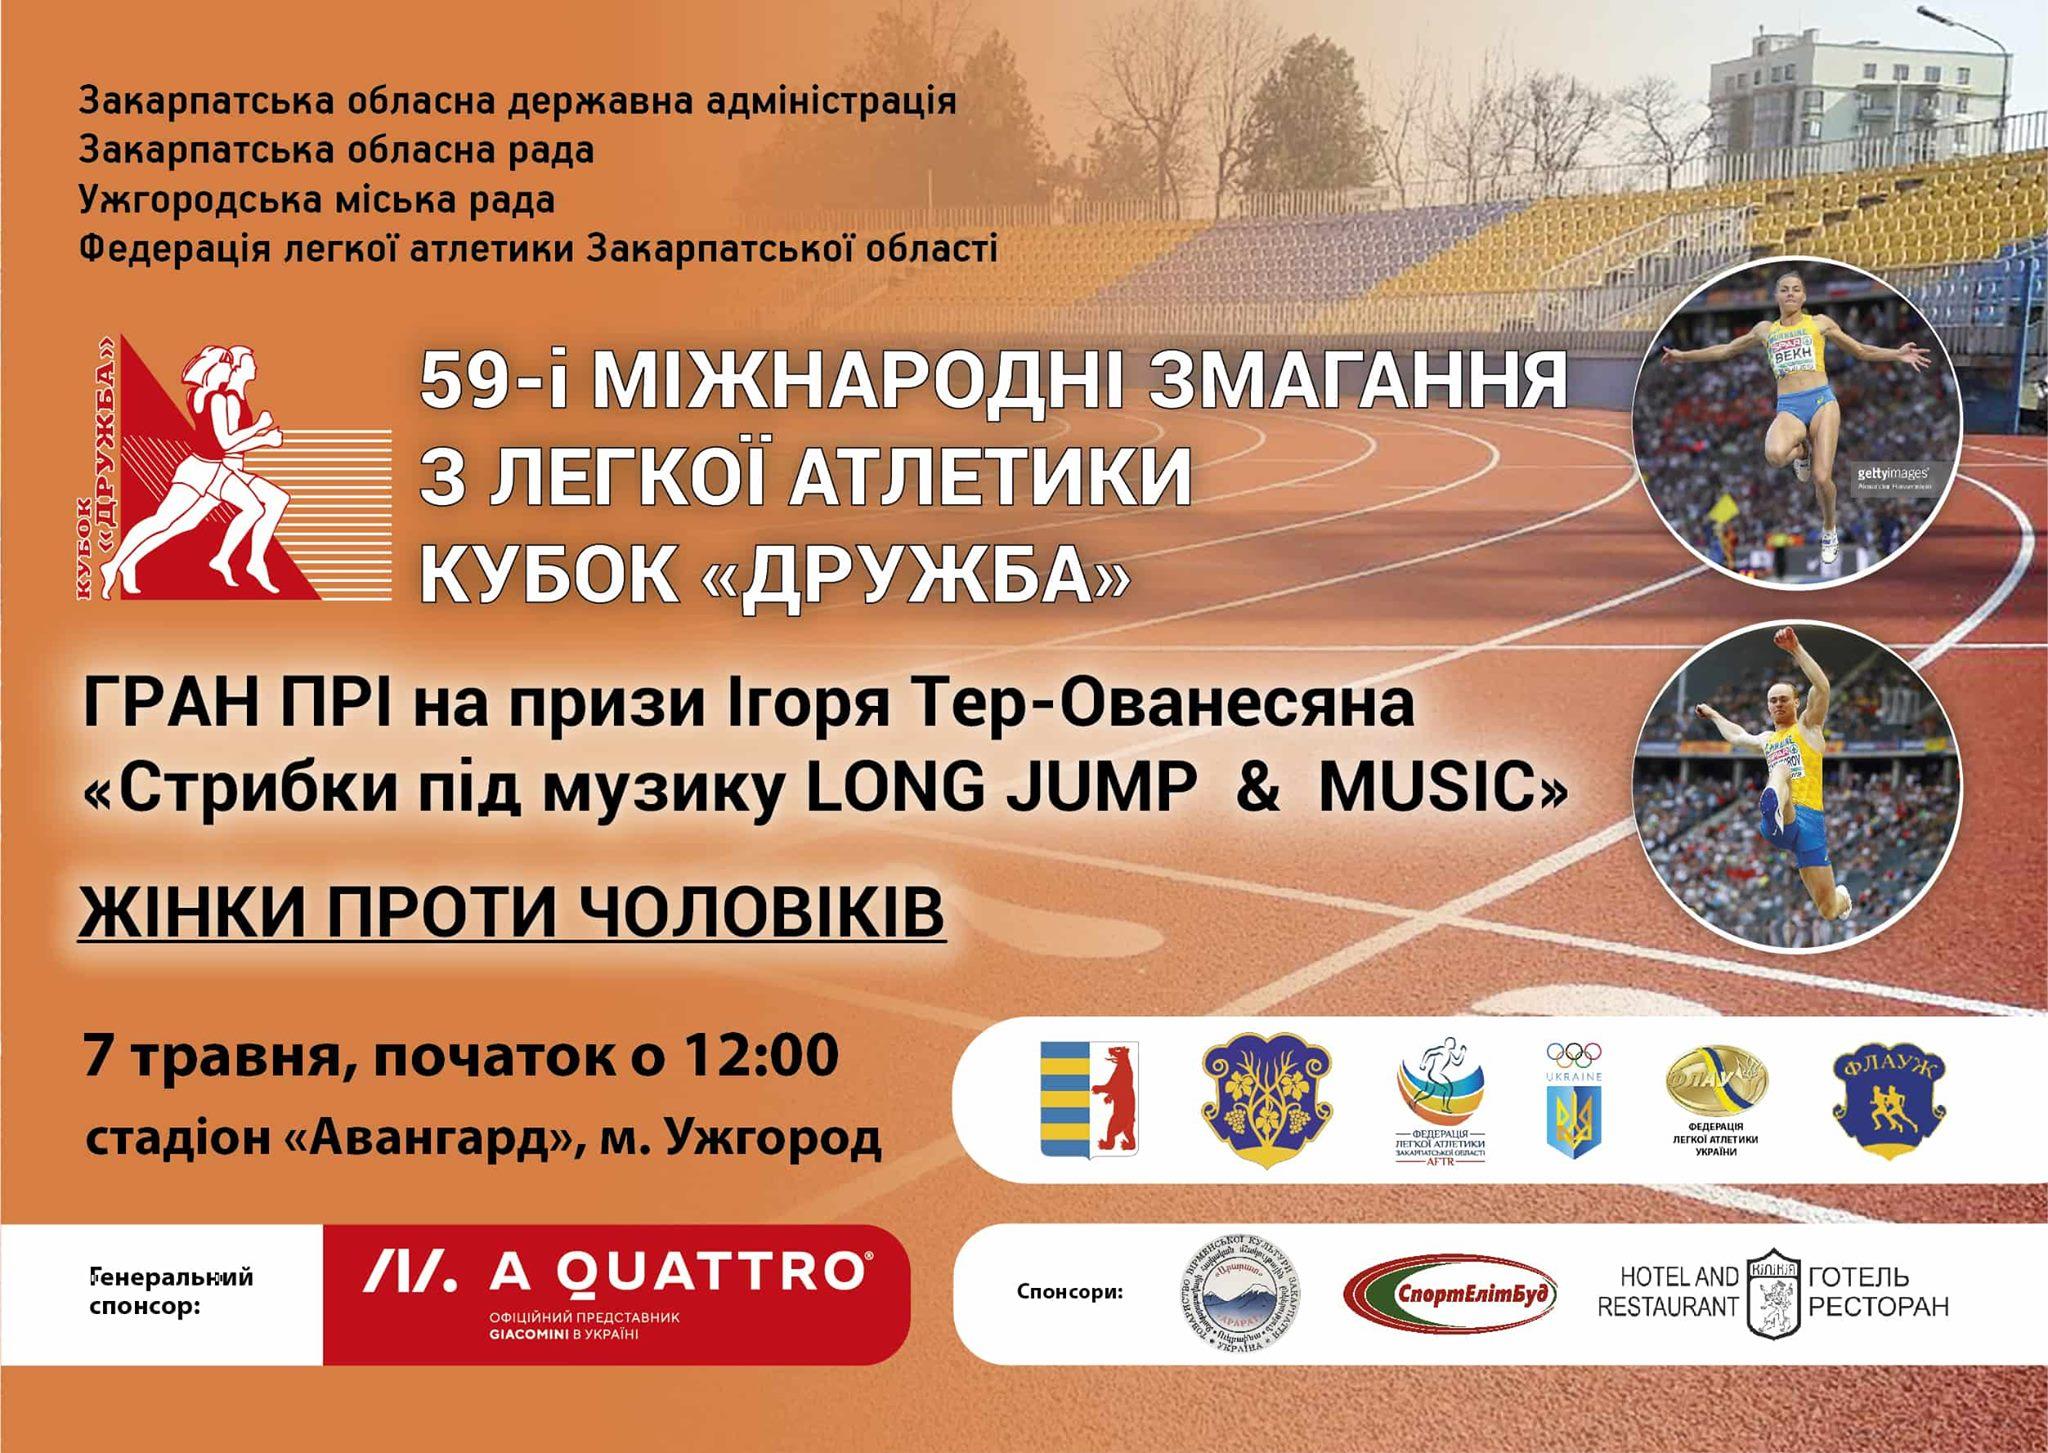 Міжнародні змагання з легкої атлетики відбудуться в Ужгороді.